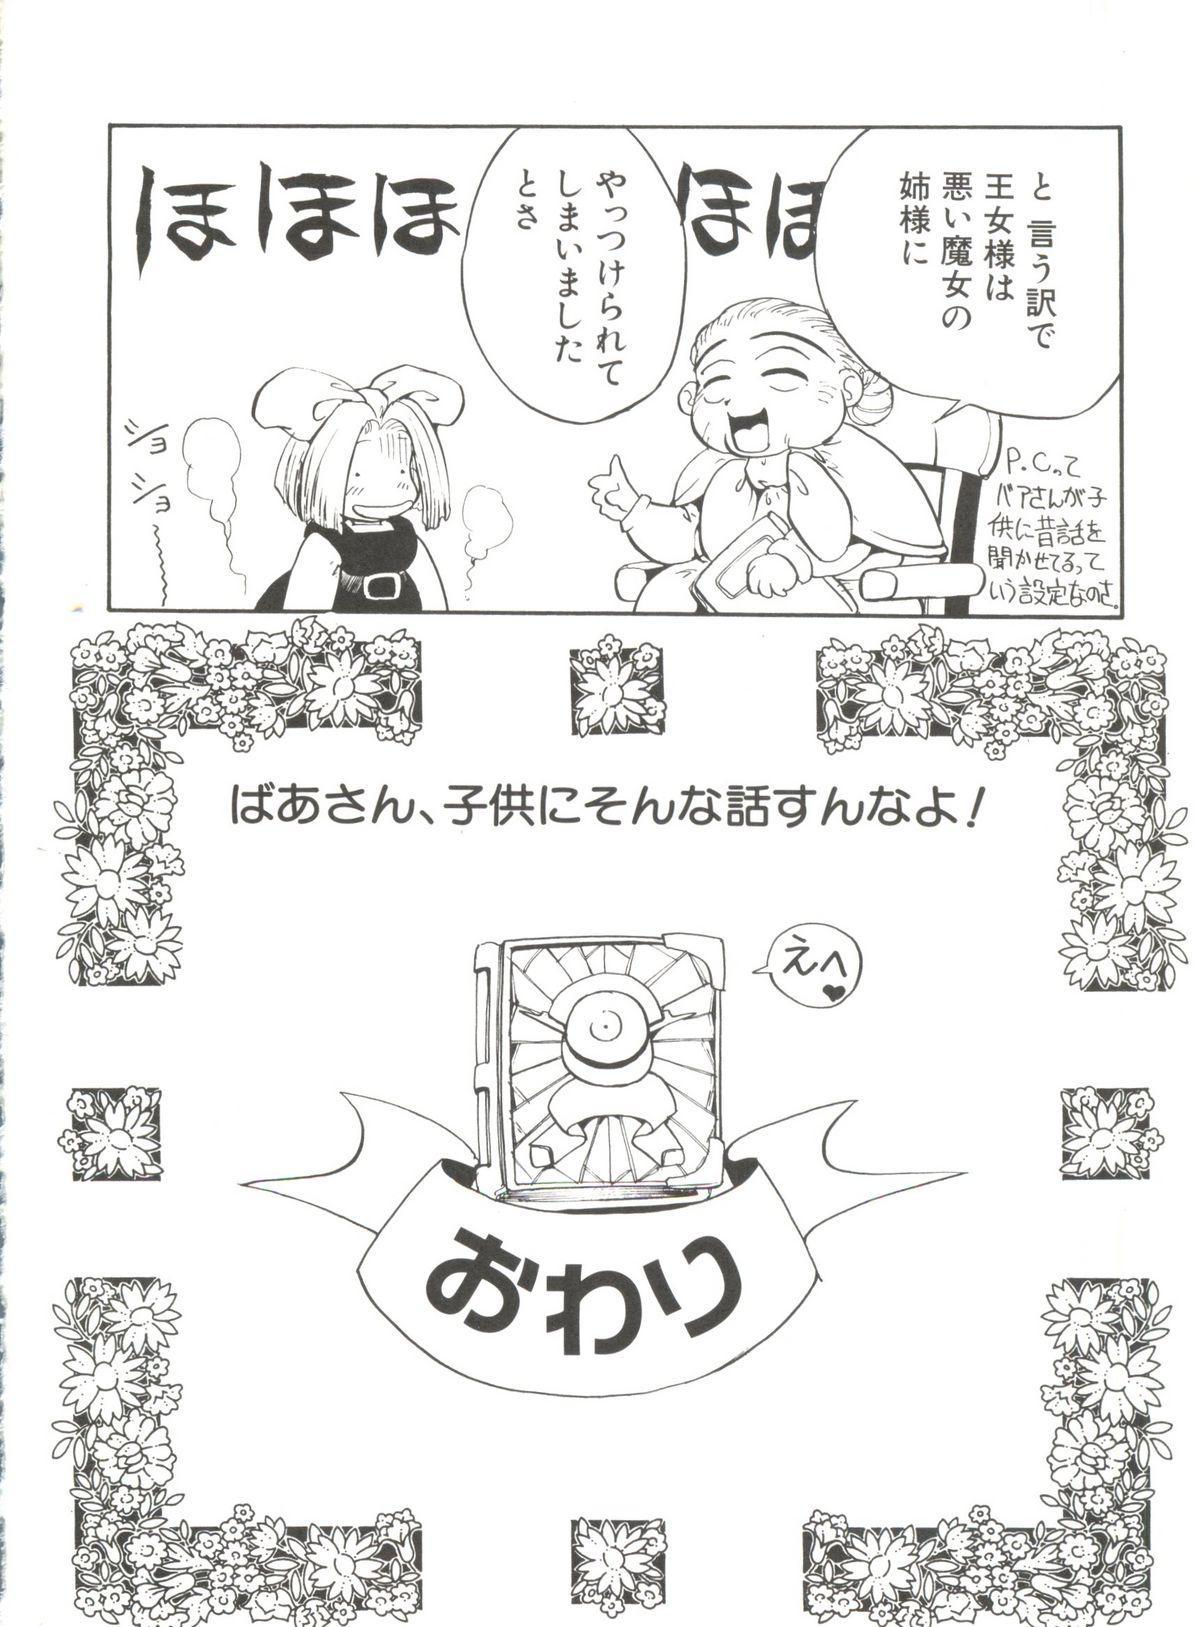 Denei Tamate Bako Bishoujo Doujinshi Anthology Vol. 2 - Nishinhou no Tenshi 37